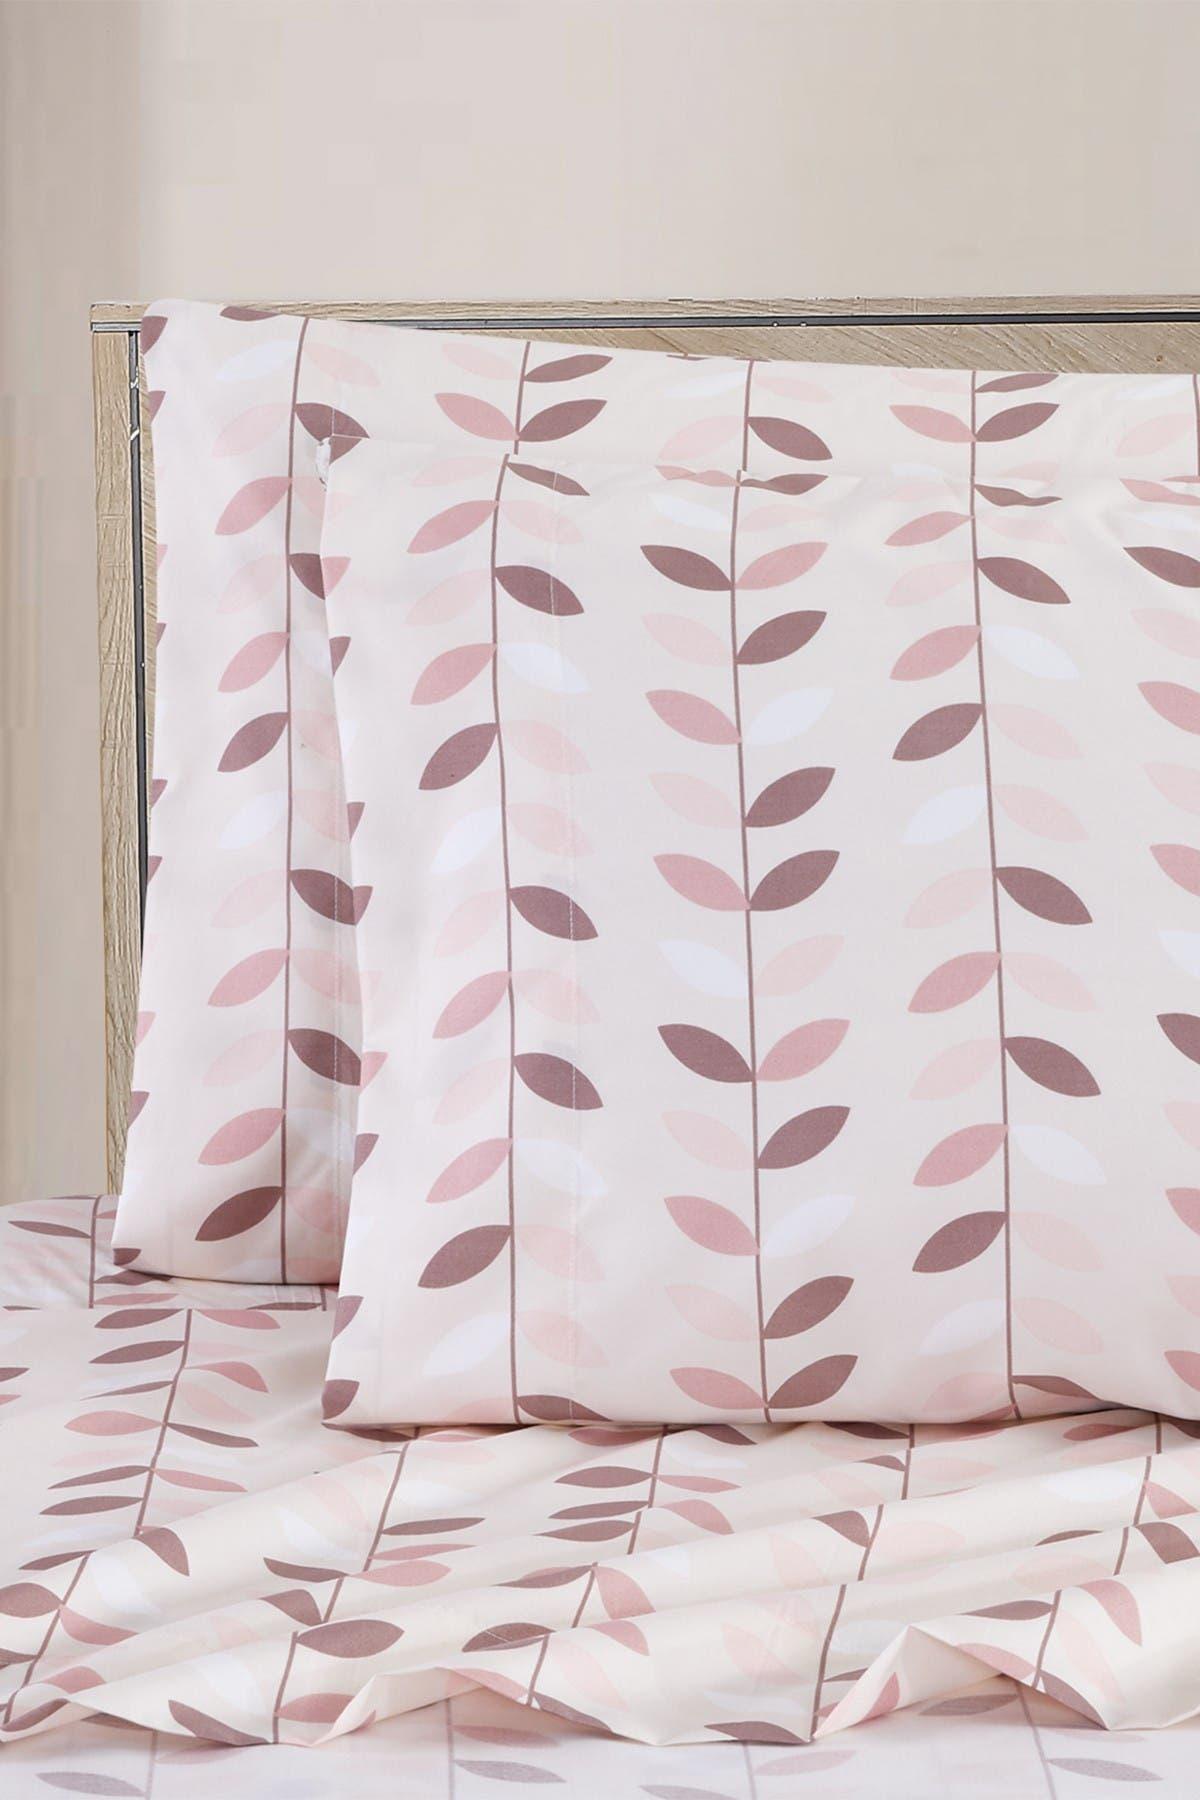 Image of Melange Home Petal Blush King Sheet Set